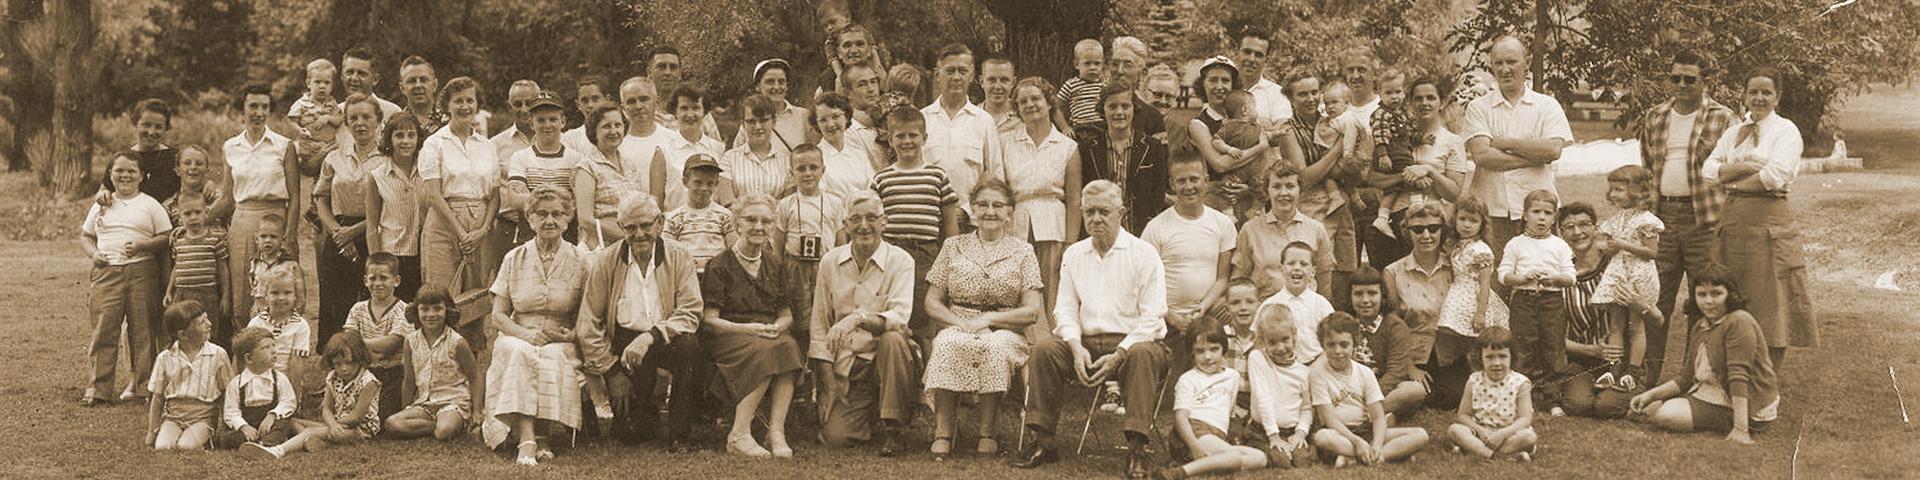 une cousinade, une réunion de personnes ayant un ancêtre en commun